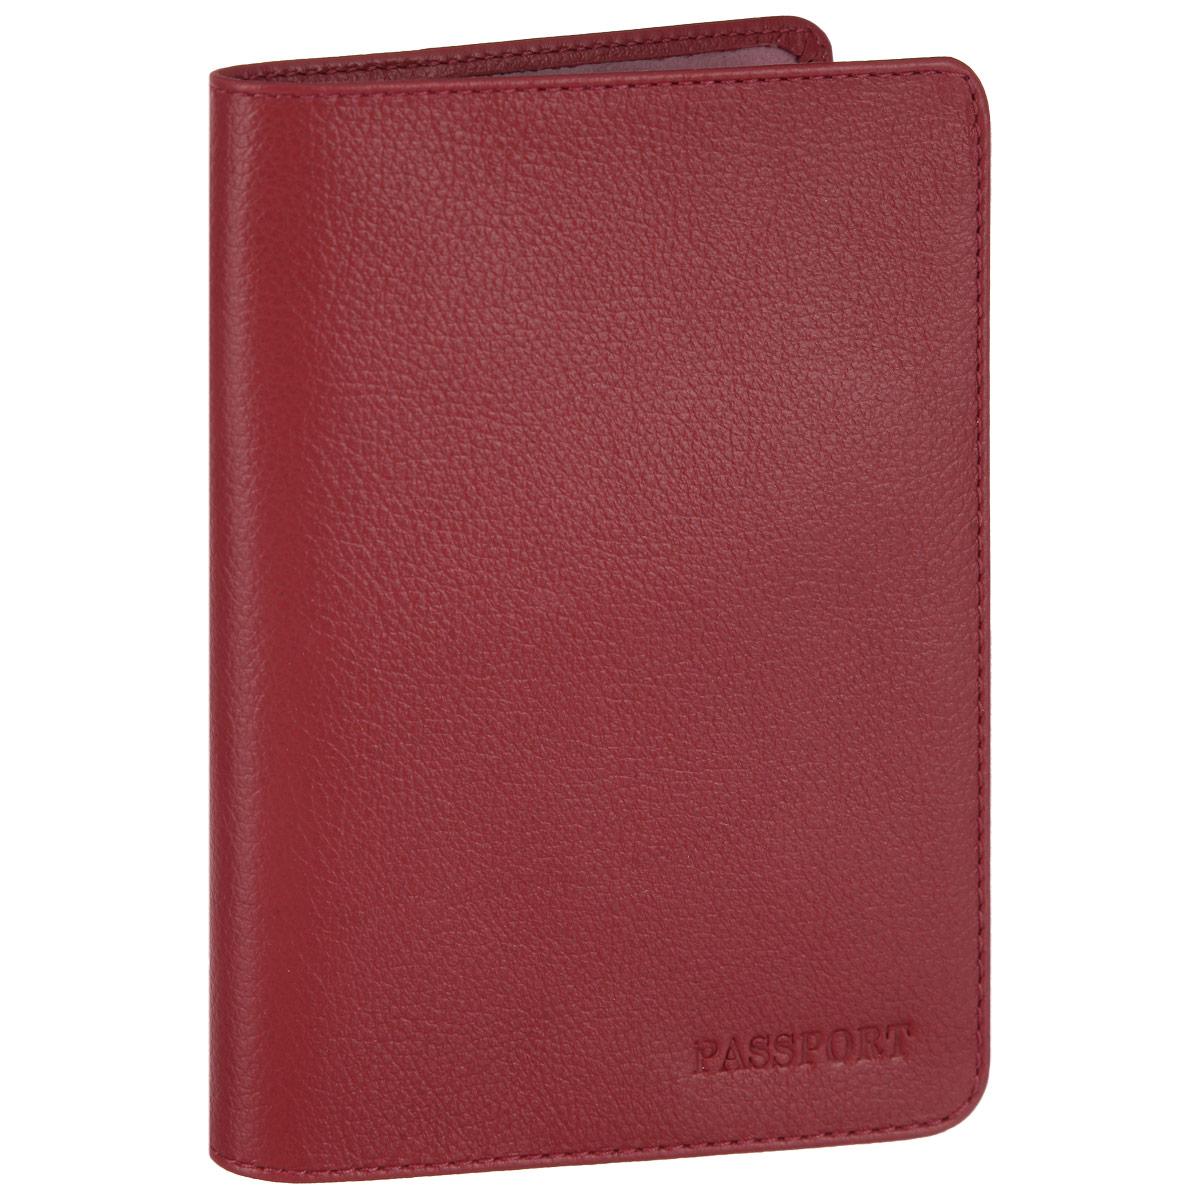 Обложка для паспорта Fabula, цвет: красный. O.53.FPO.53.FP. ягодныйСтильная обложка для паспорта Fabula выполнена из натуральной кожи с зернистой текстурой, оформлена надписью Passport. Обложка для паспорта раскладывается пополам, внутри расположены два пластиковых кармашка.Такая обложка для паспорта станет прекрасным и стильным подарком человеку, любящему оригинальные и практичные вещи.